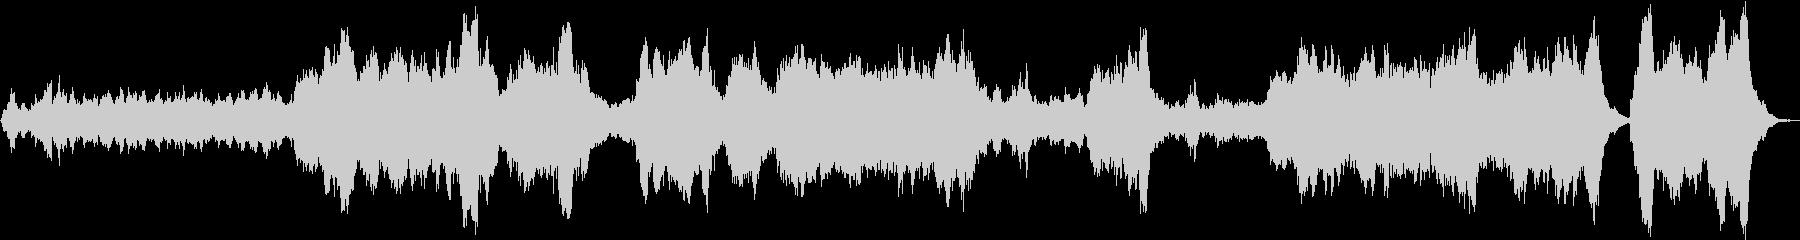 ヘンデルのカバーの未再生の波形